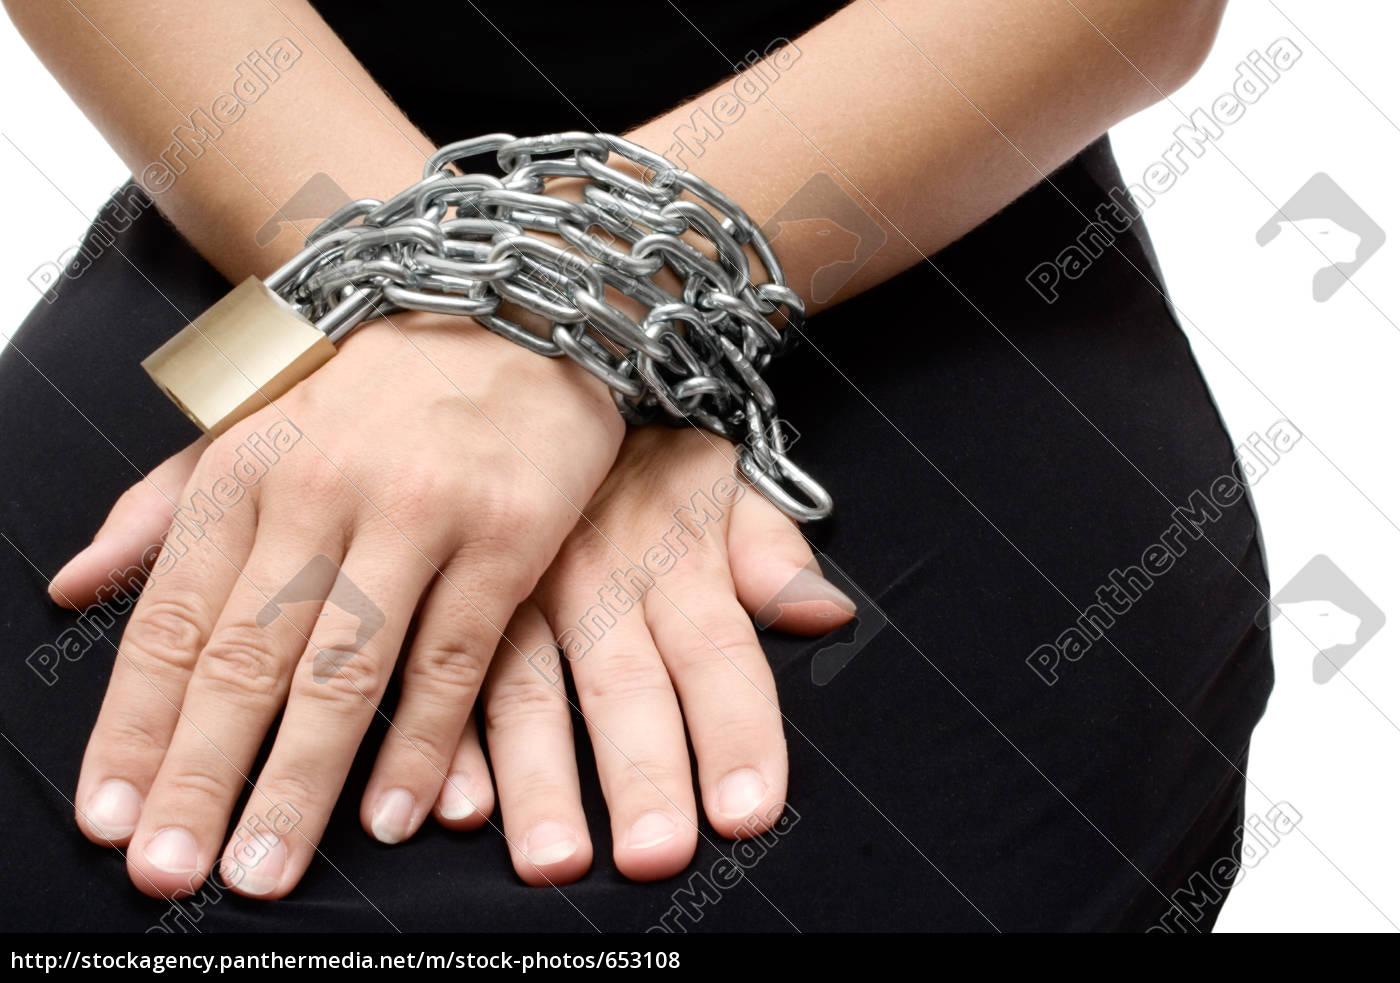 bound, woman, hands - 653108